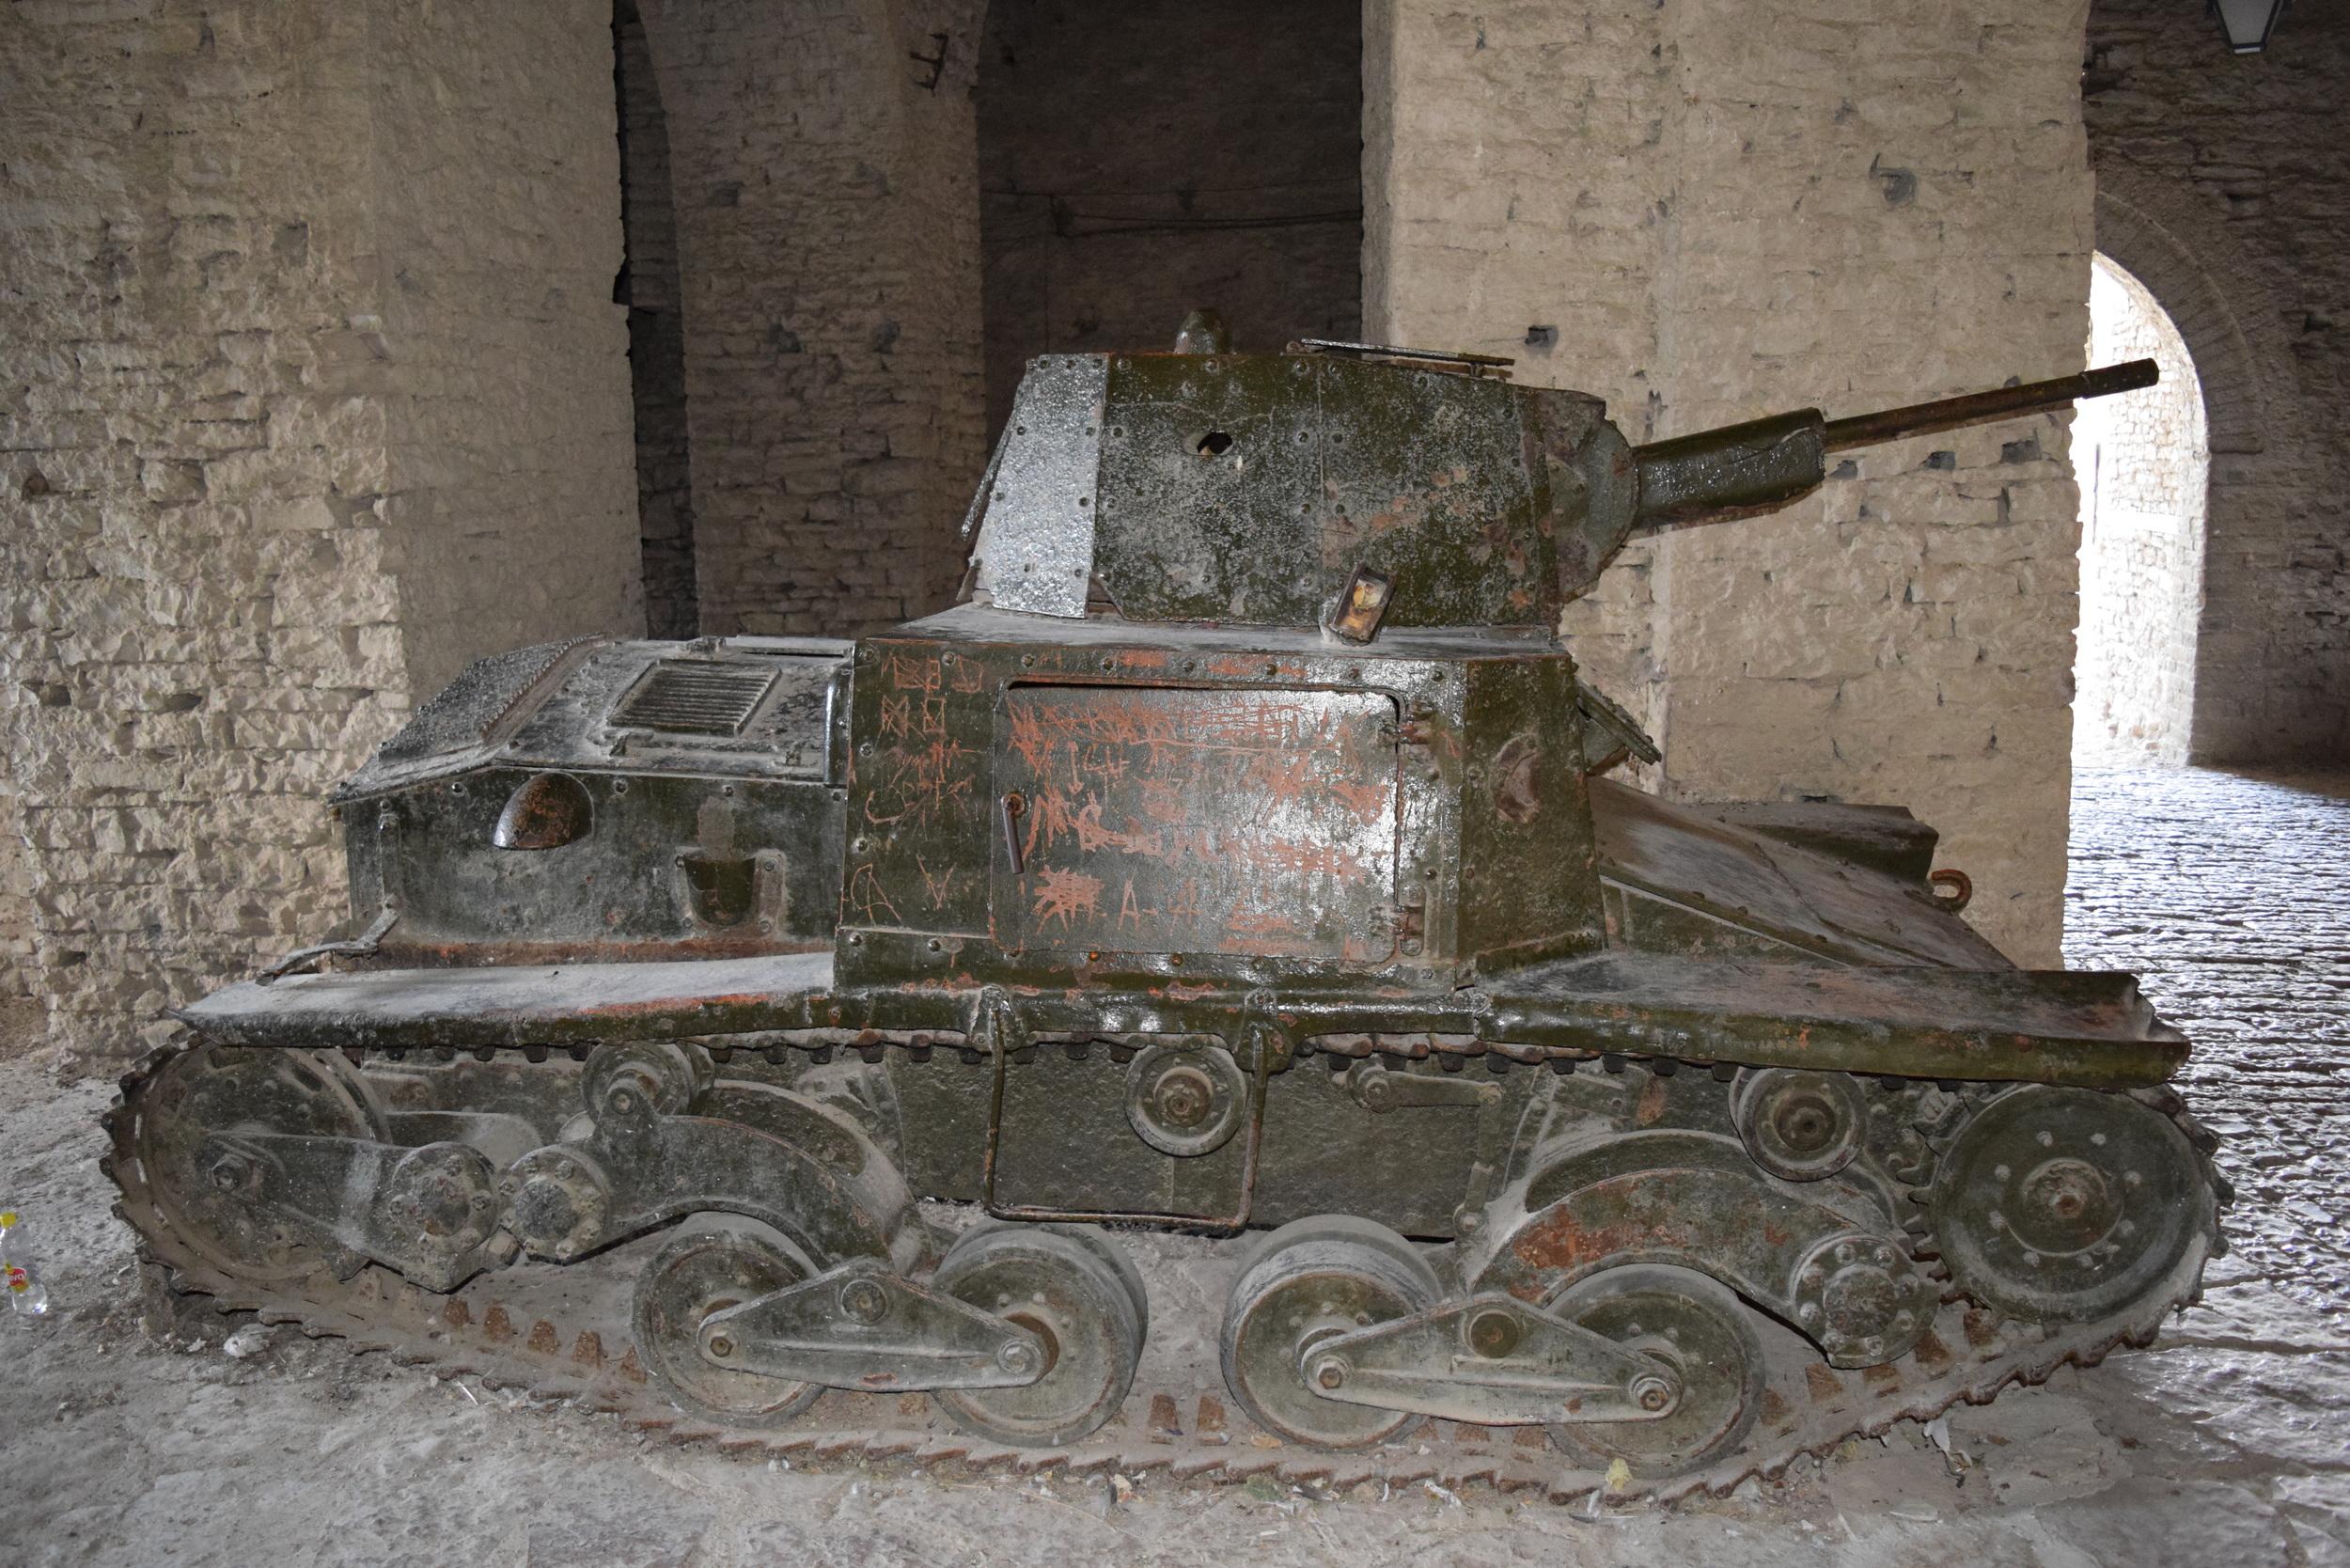 Gjirokaster Castle Tank